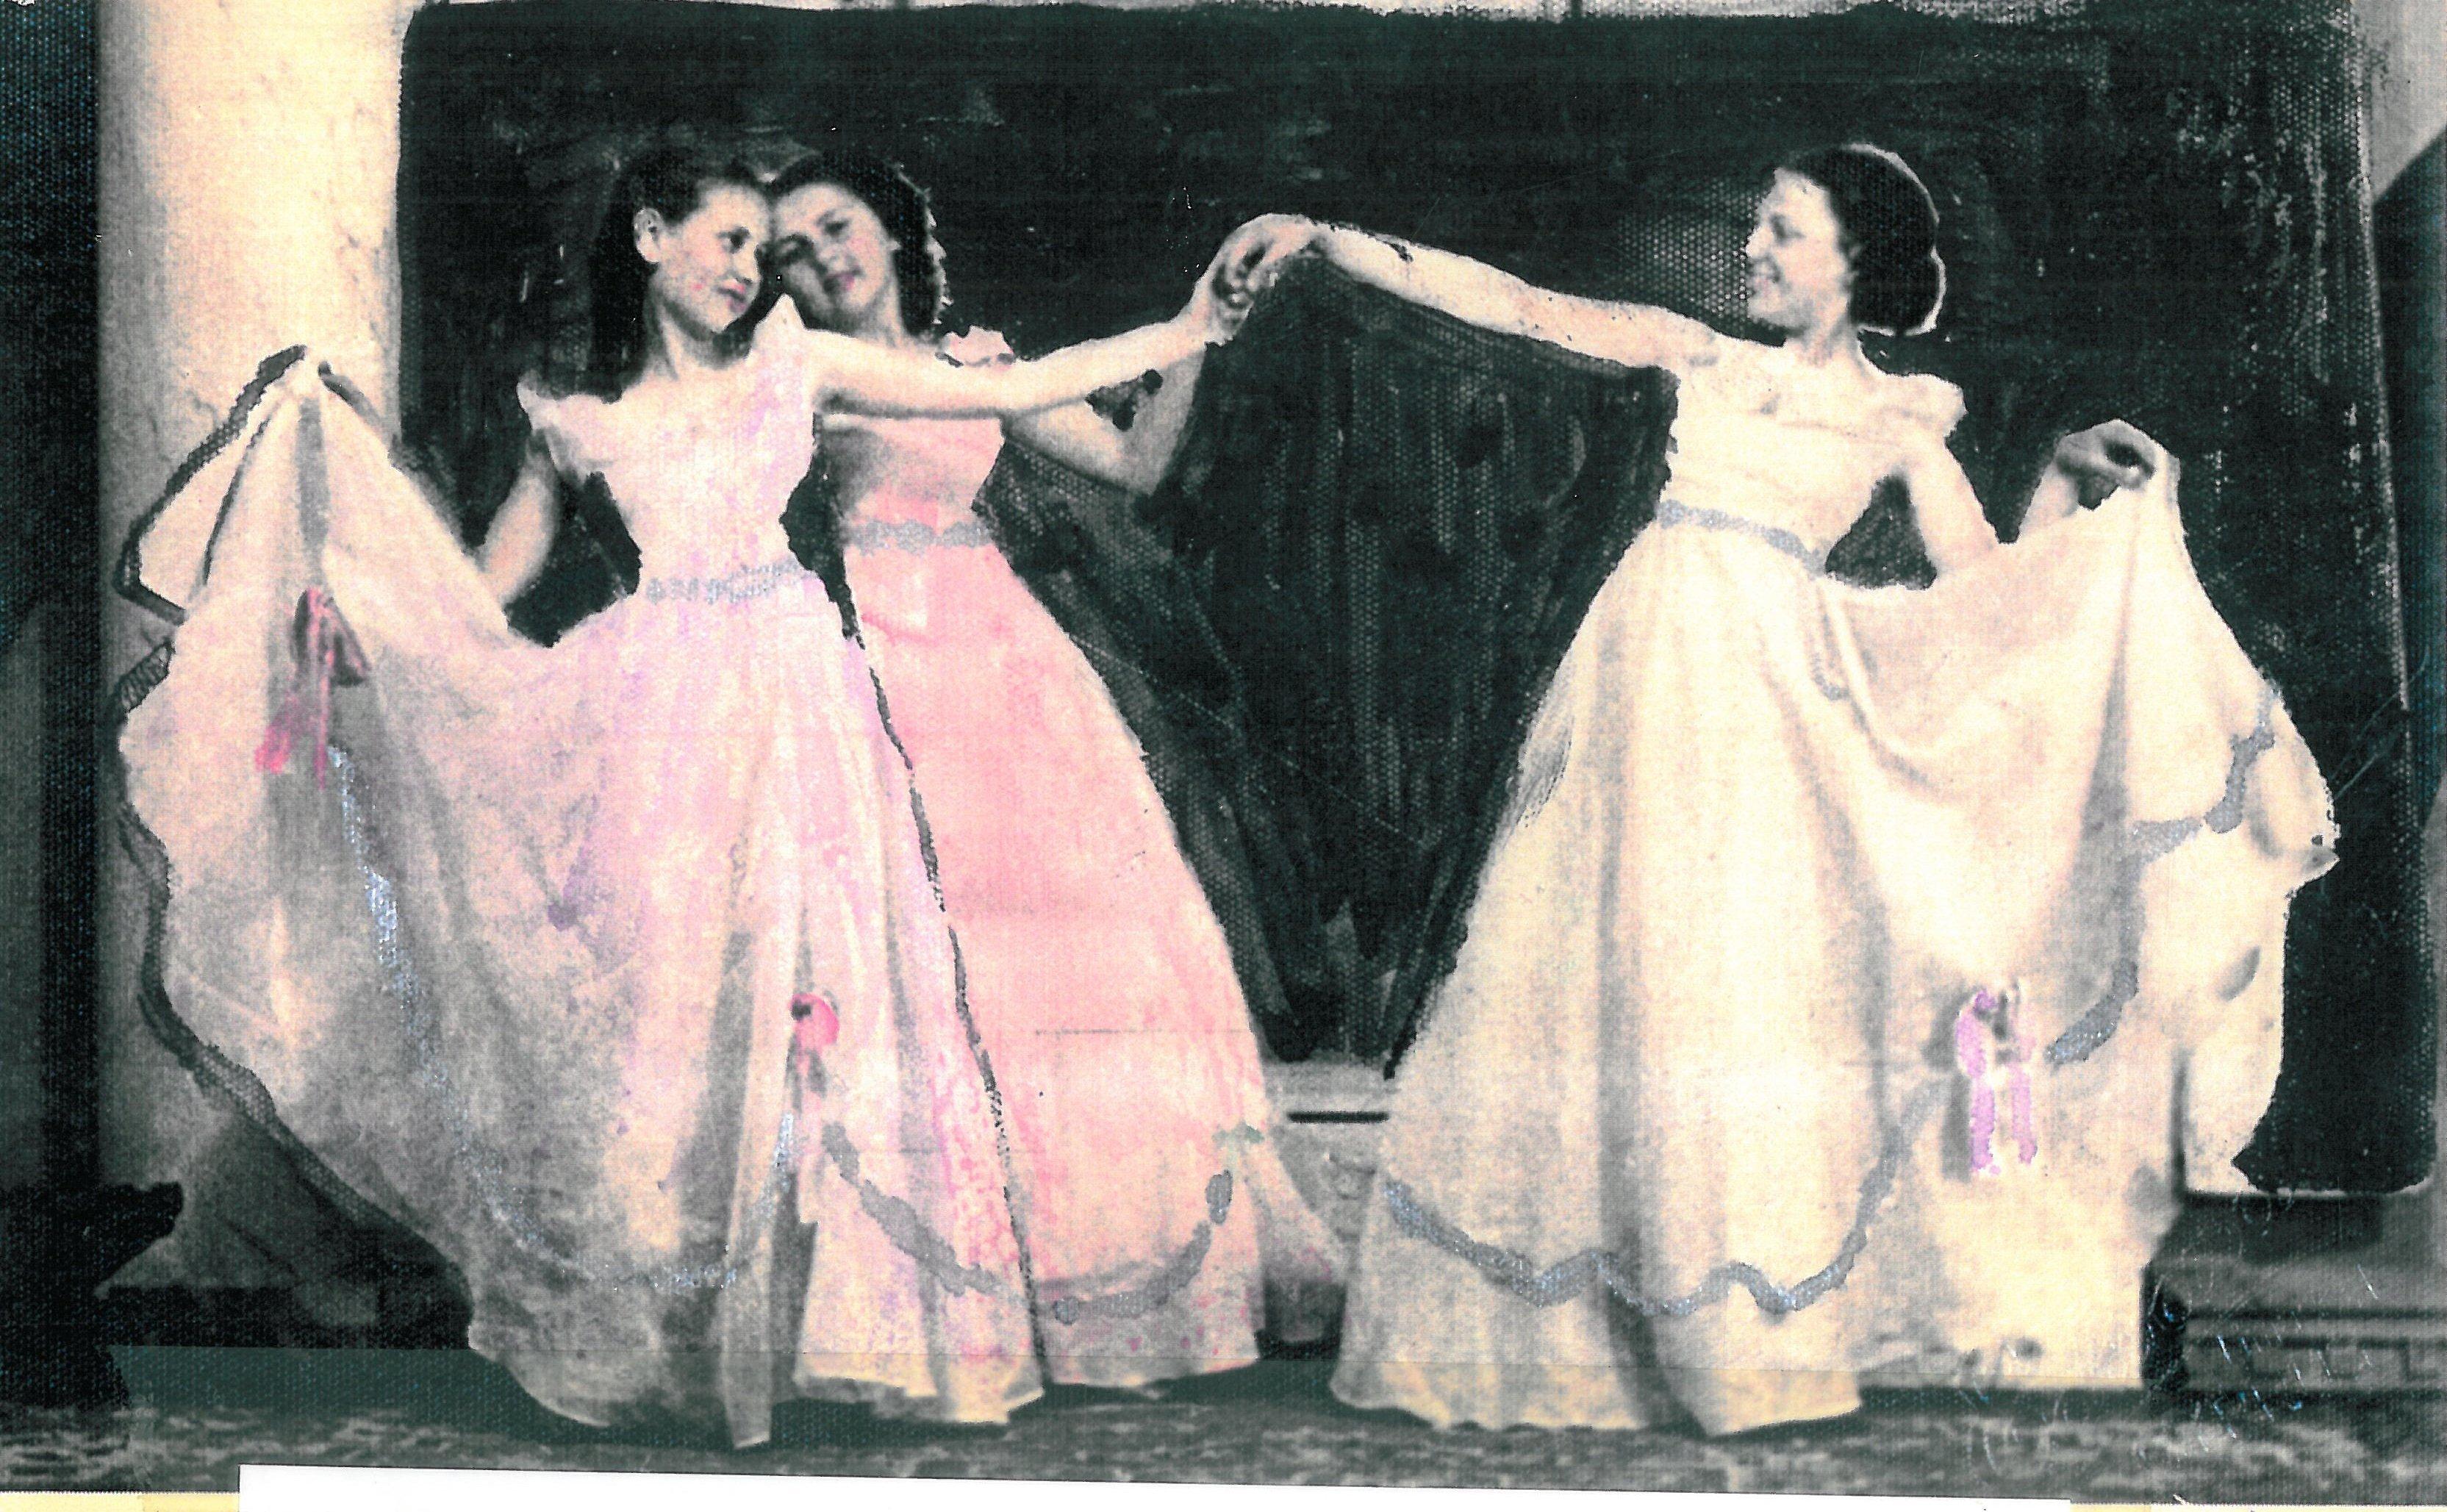 Από το έργο Gavotte Stephanieπου χορεύτηκε για πρώτη φορά σε Χριστουγεννιάτικη παράσταση το 1939